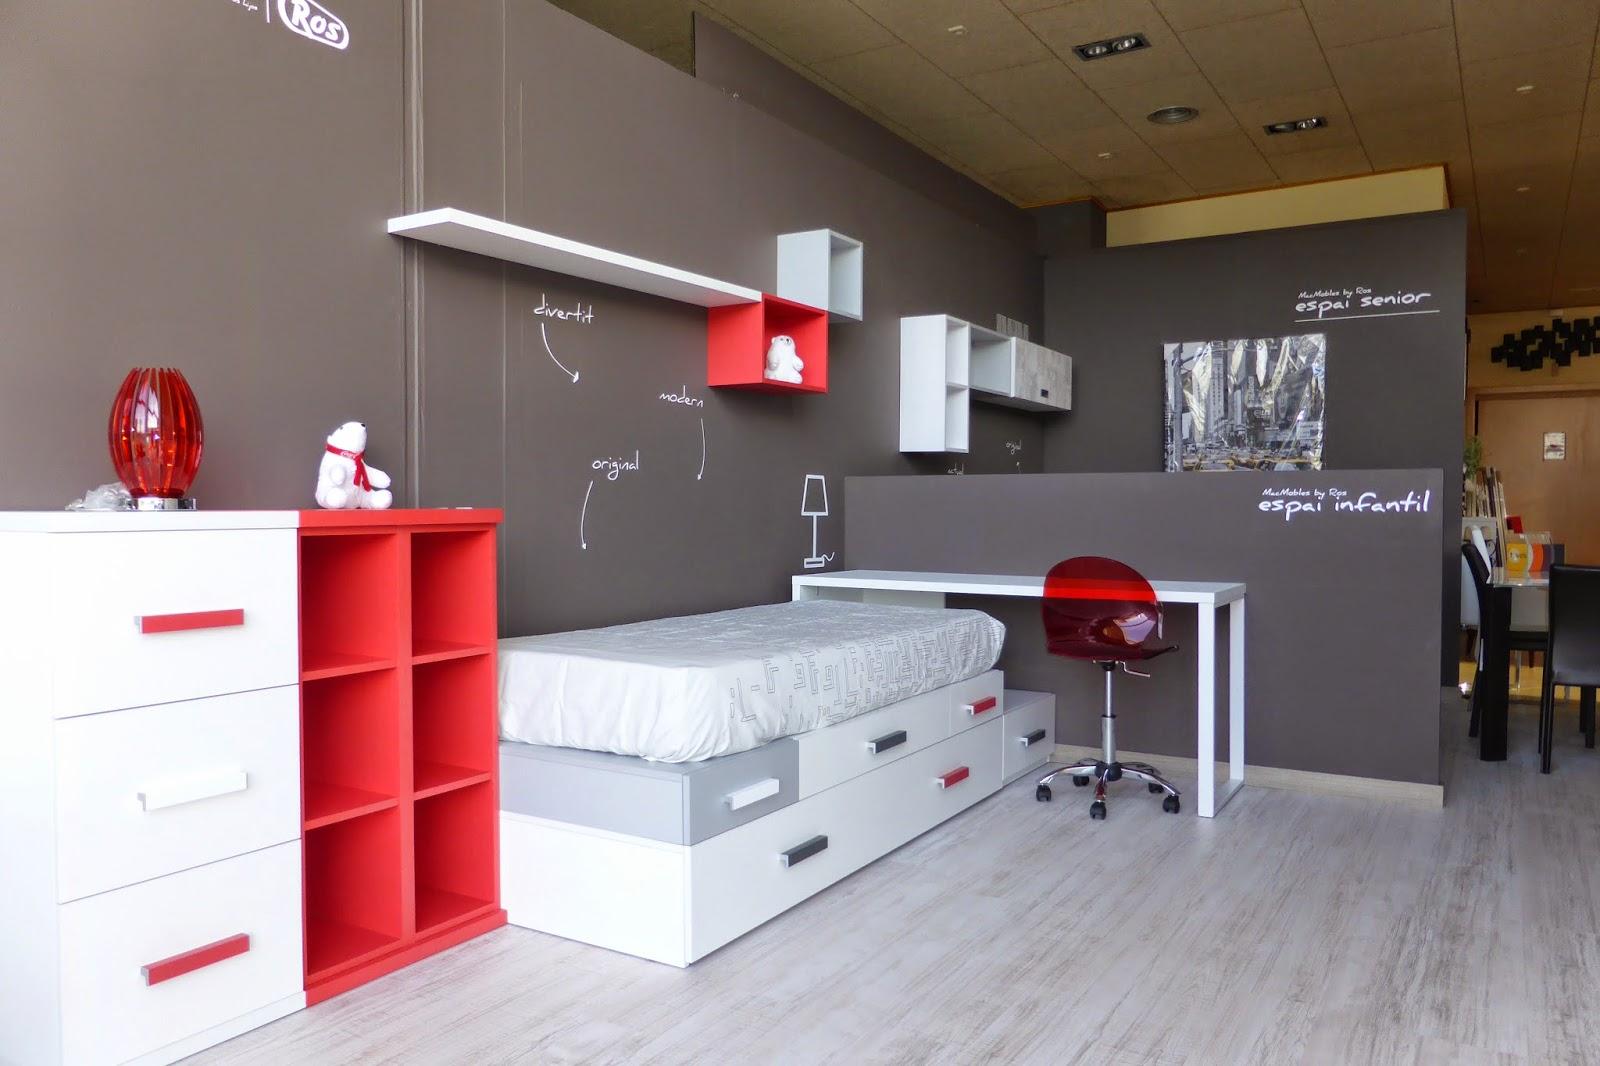 Muebles ros los espacios ros llegan a macmobles for Muebles infantiles ros